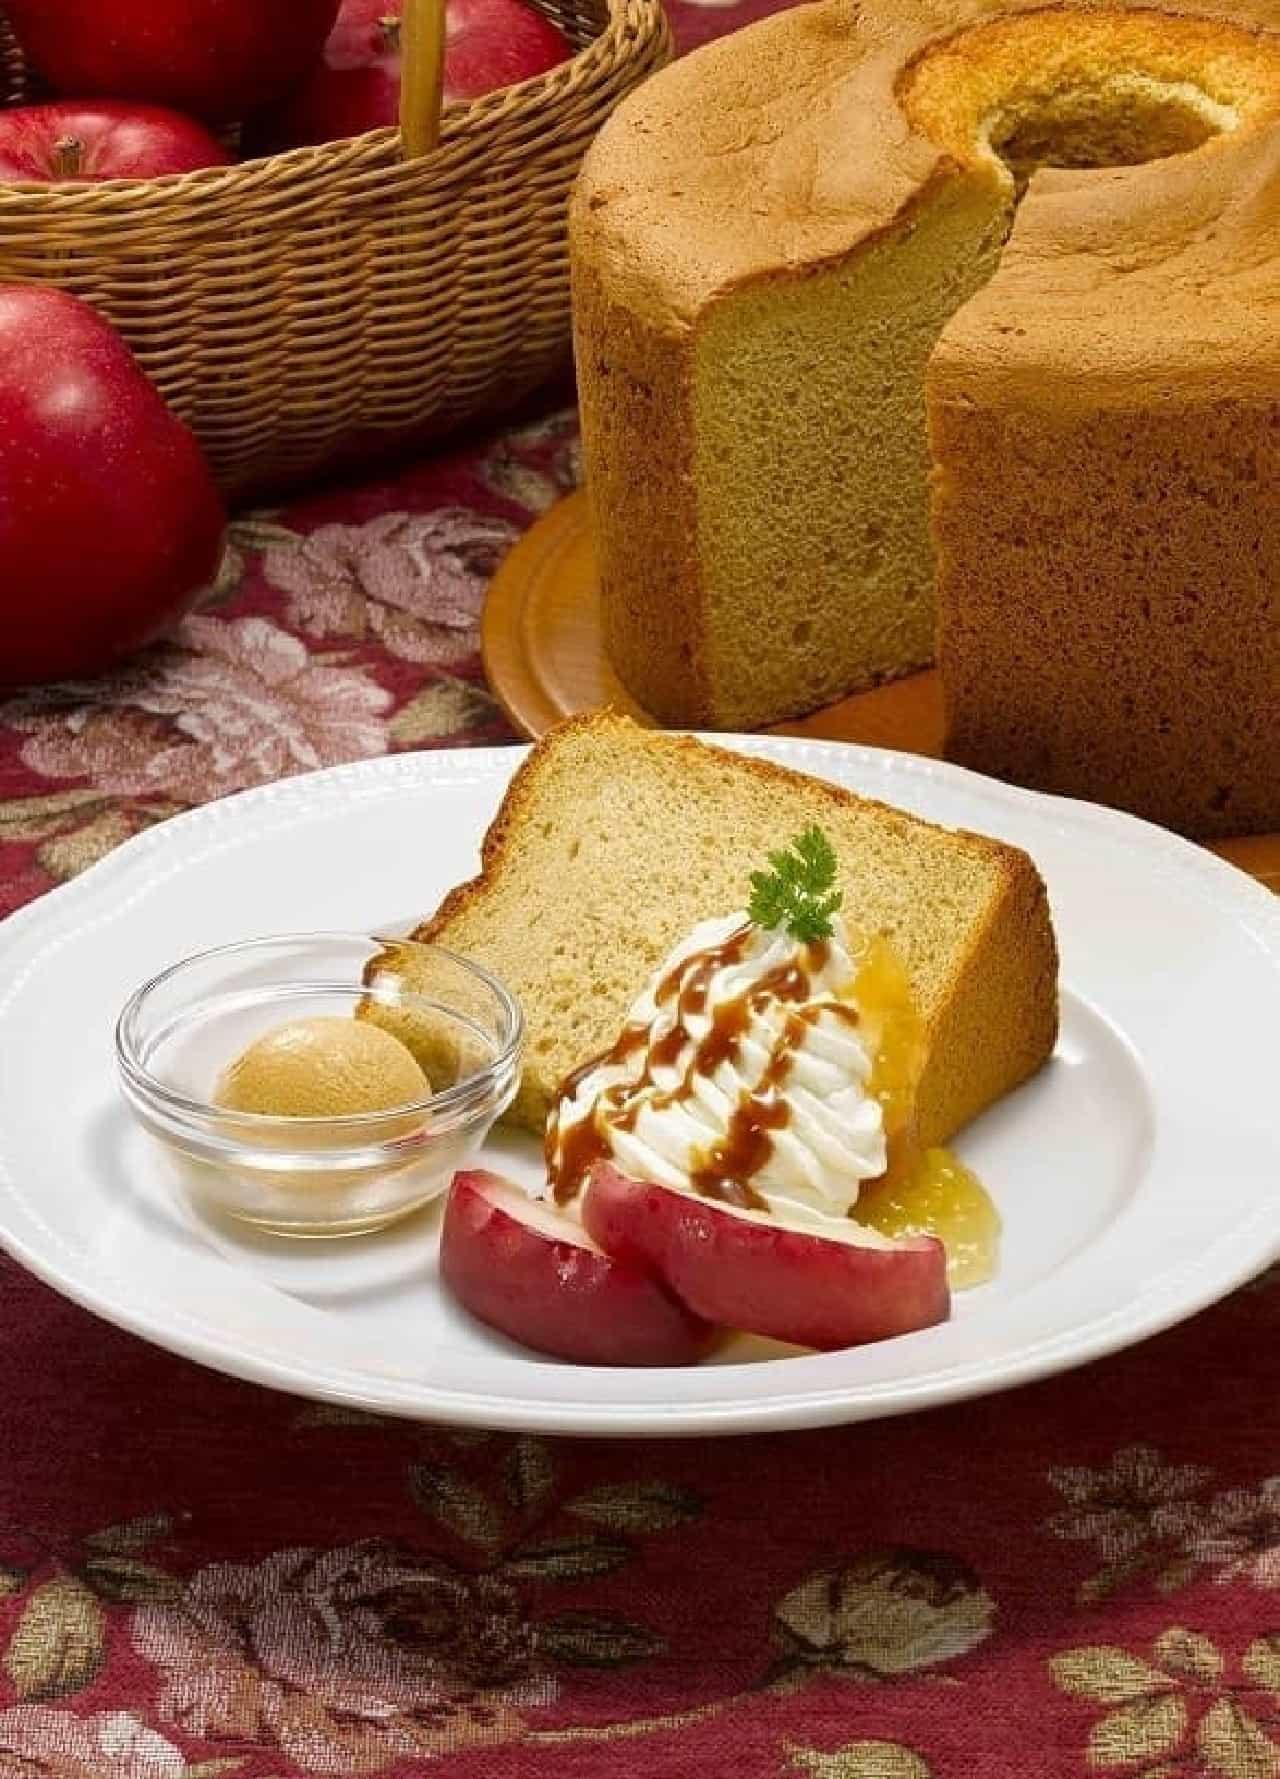 ロイヤルホスト「焼きりんごと紅茶のシフォンケーキ~塩キャラメルアイスを添えて~」